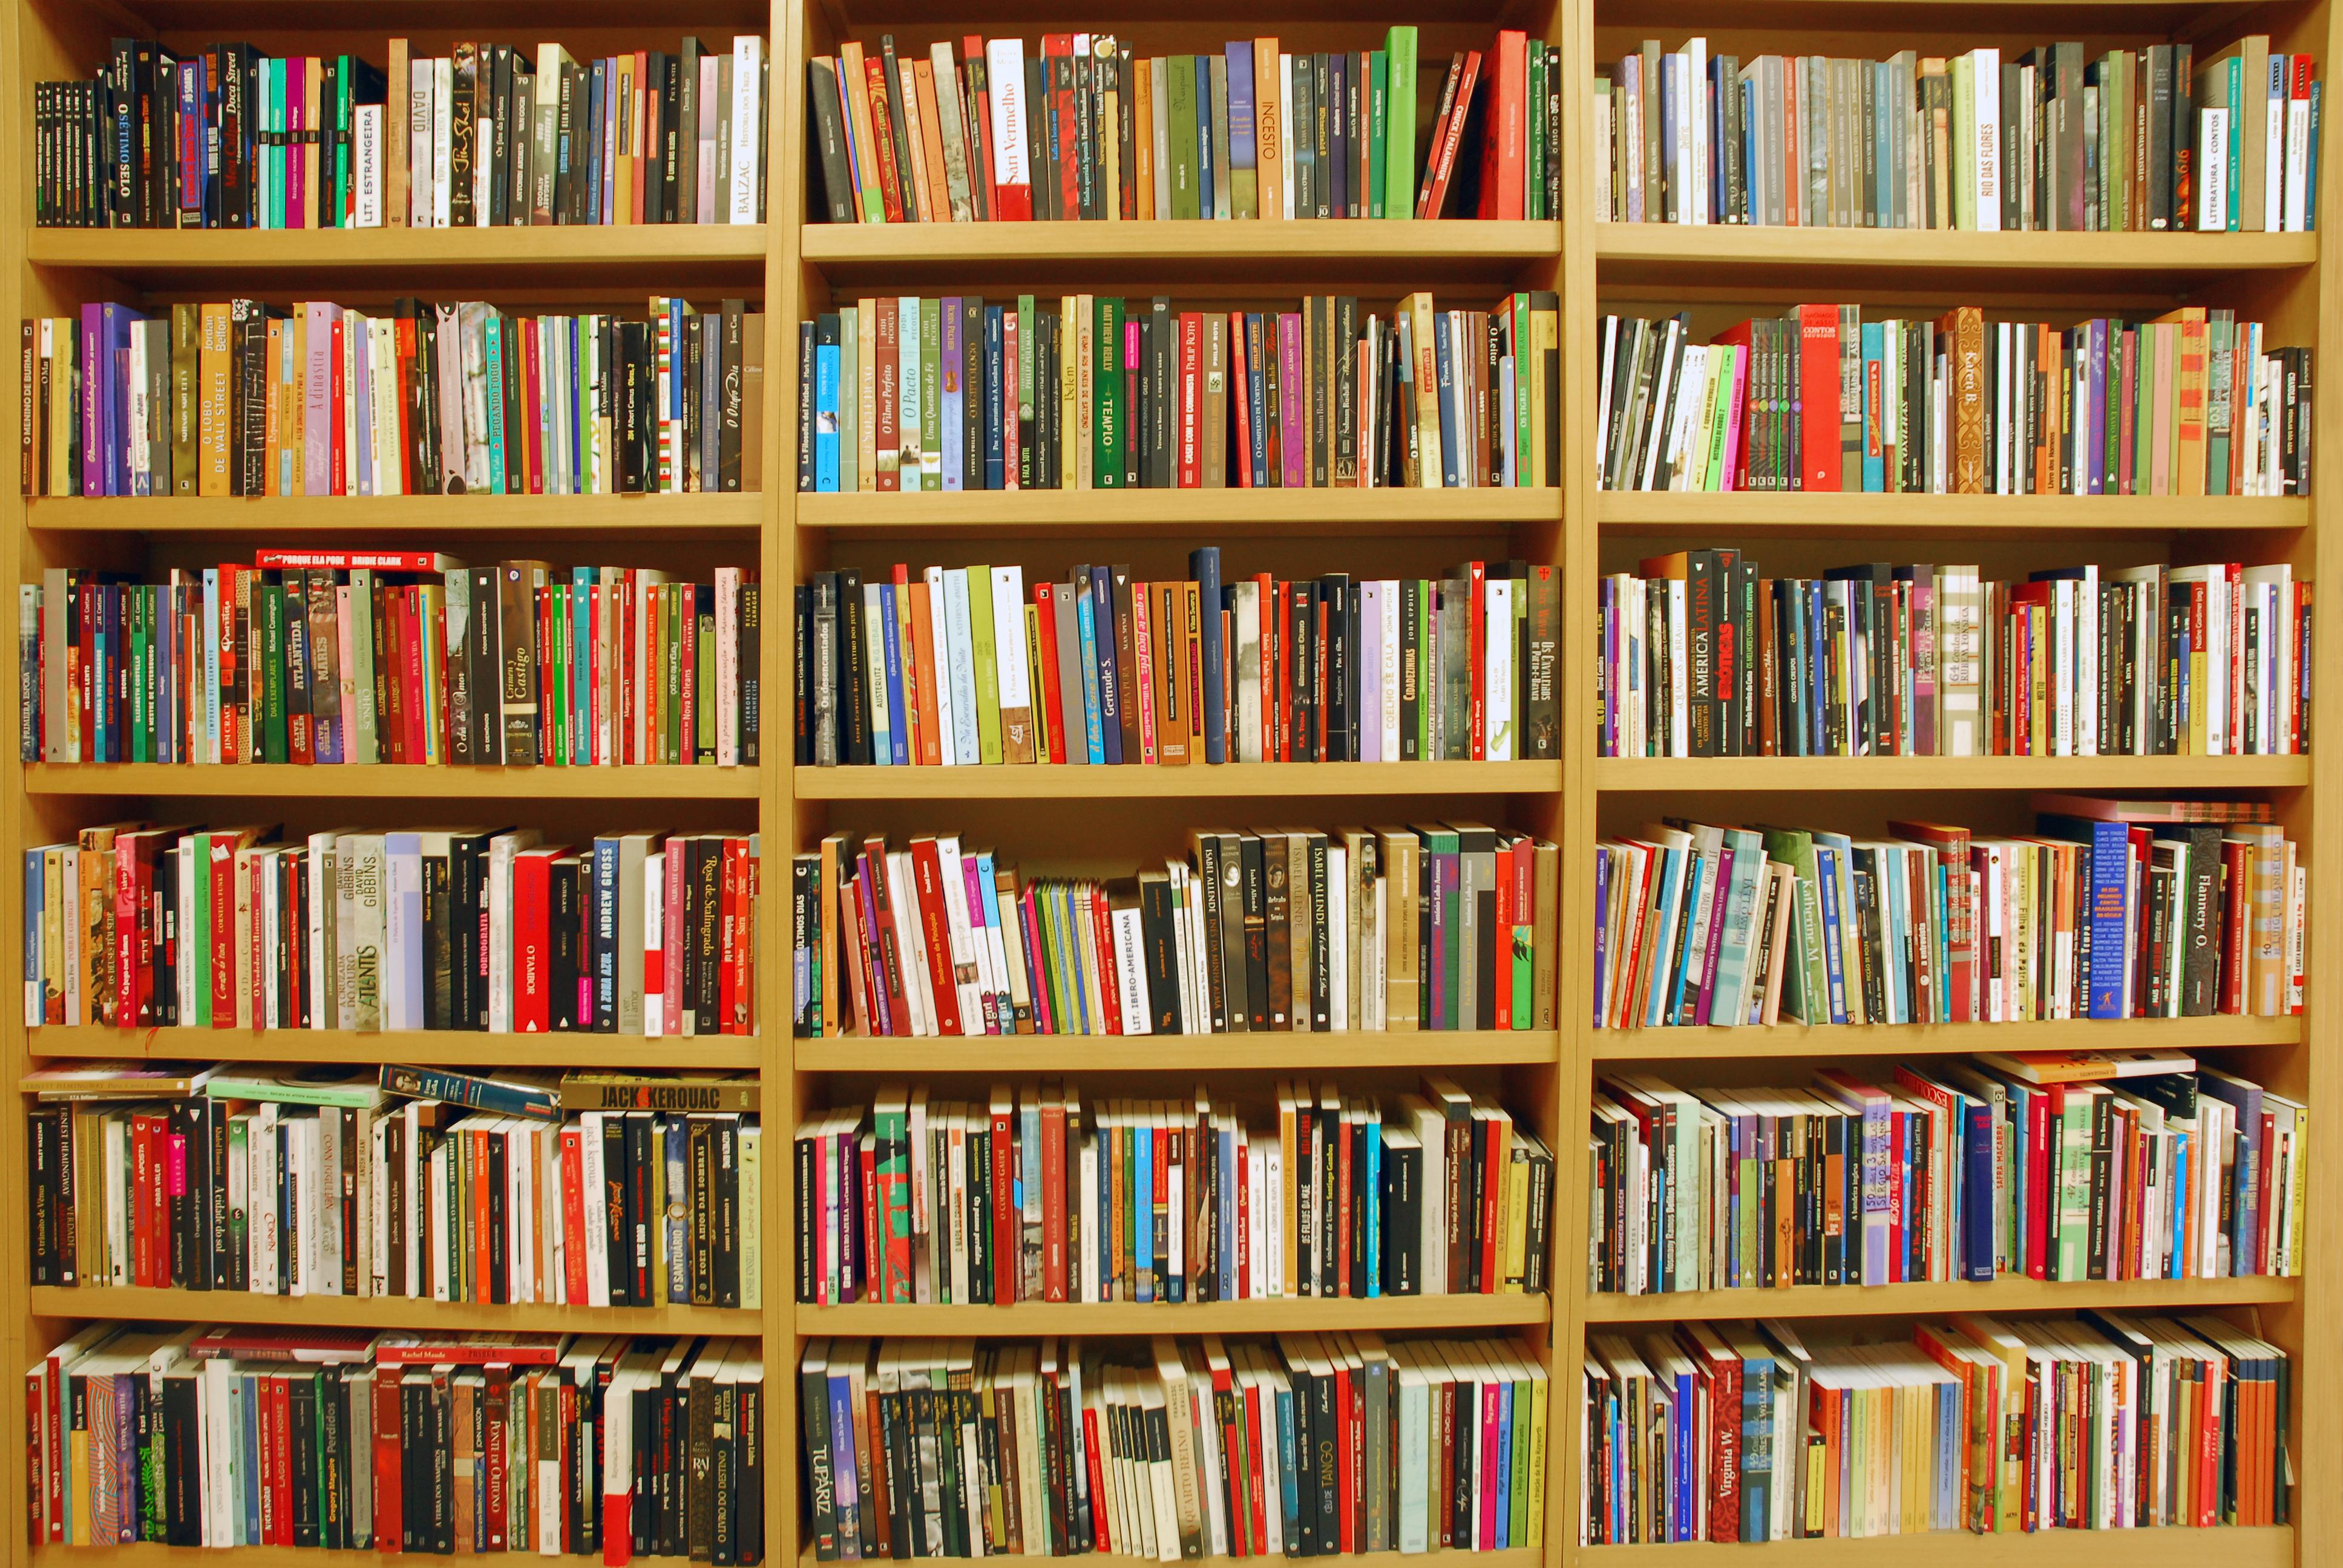 ESTANTES 04  Palavraria Livros & Cafés #B22C19 3872x2592